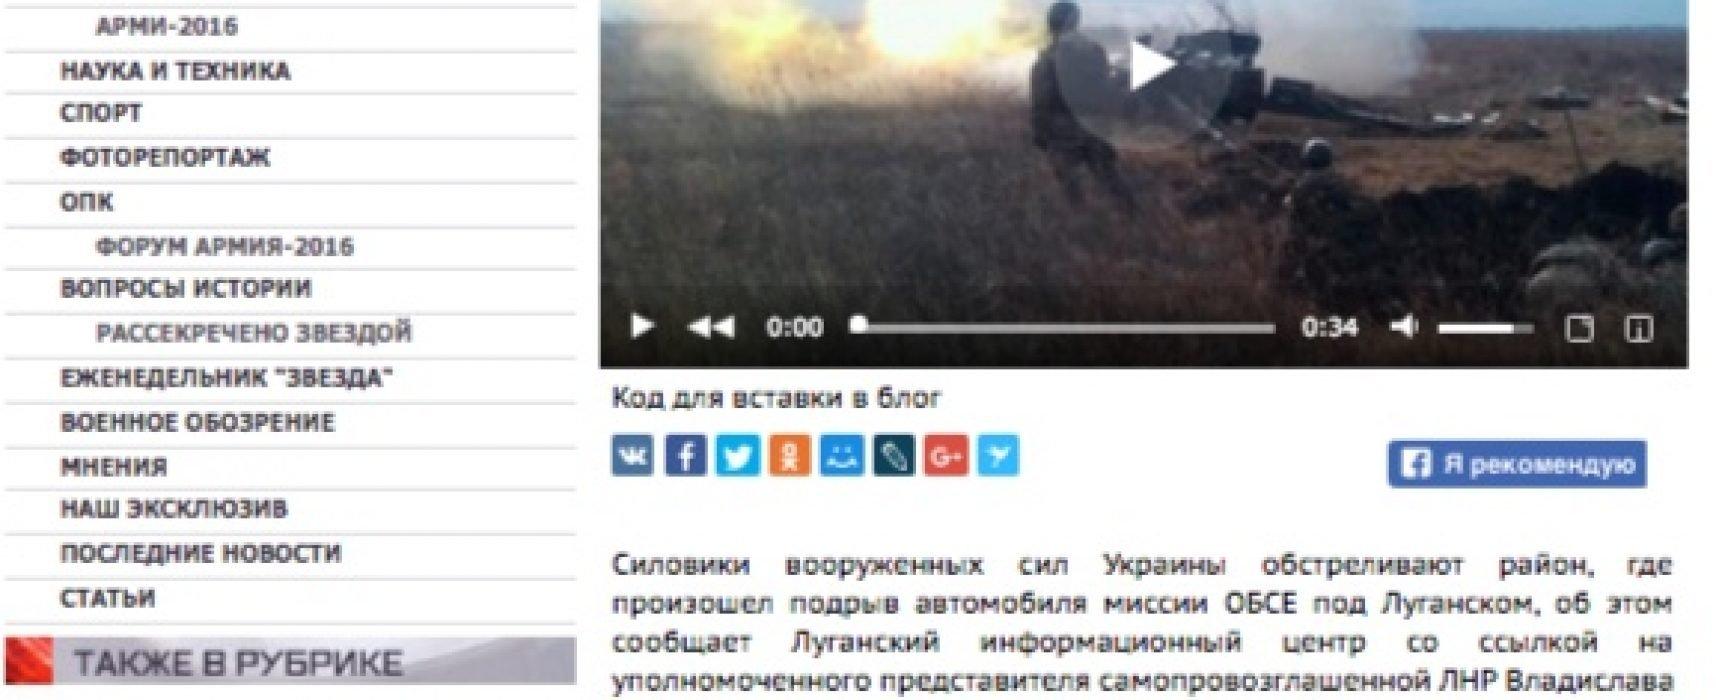 Fake: Les Forces armées ukrainienne tirent sur une voiture de la mission spéciale de l'OSCE près de Lougansk